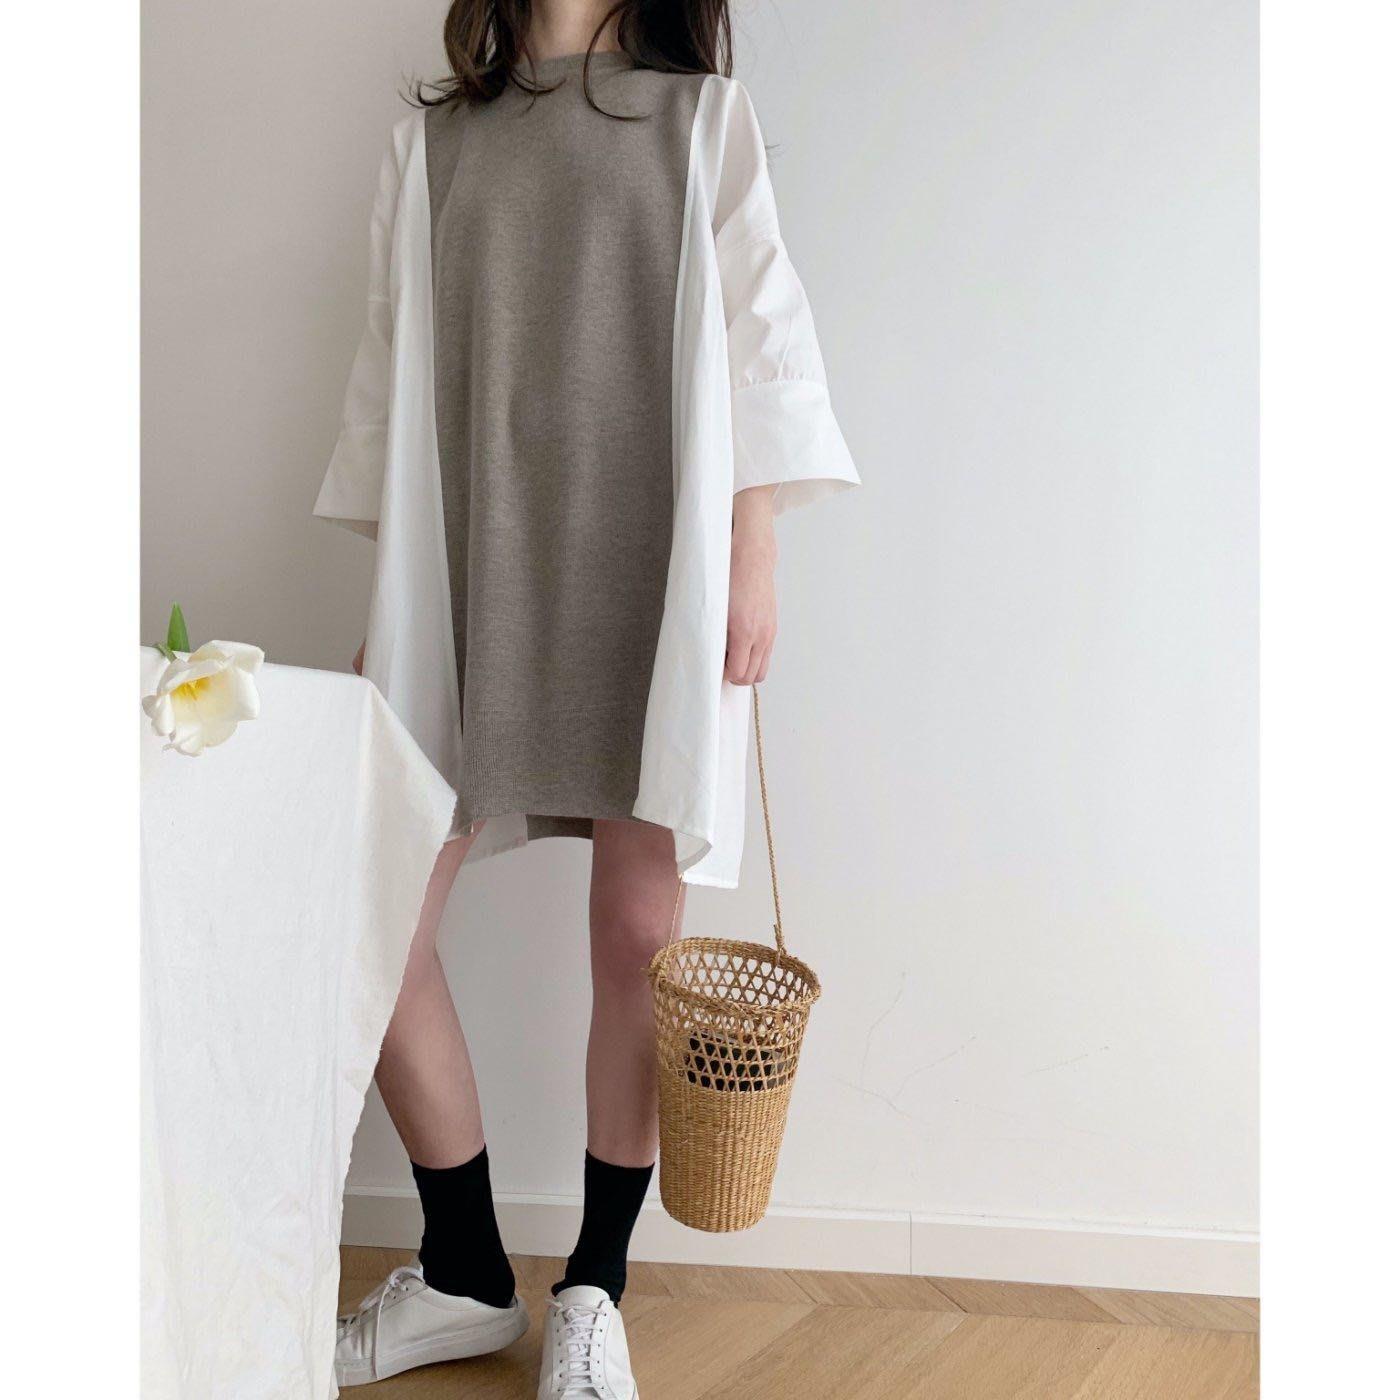 I.Season 可甜可閒  - 淺咖色寬鬆慵懶七分袖上衣 可當連身裙洋裝